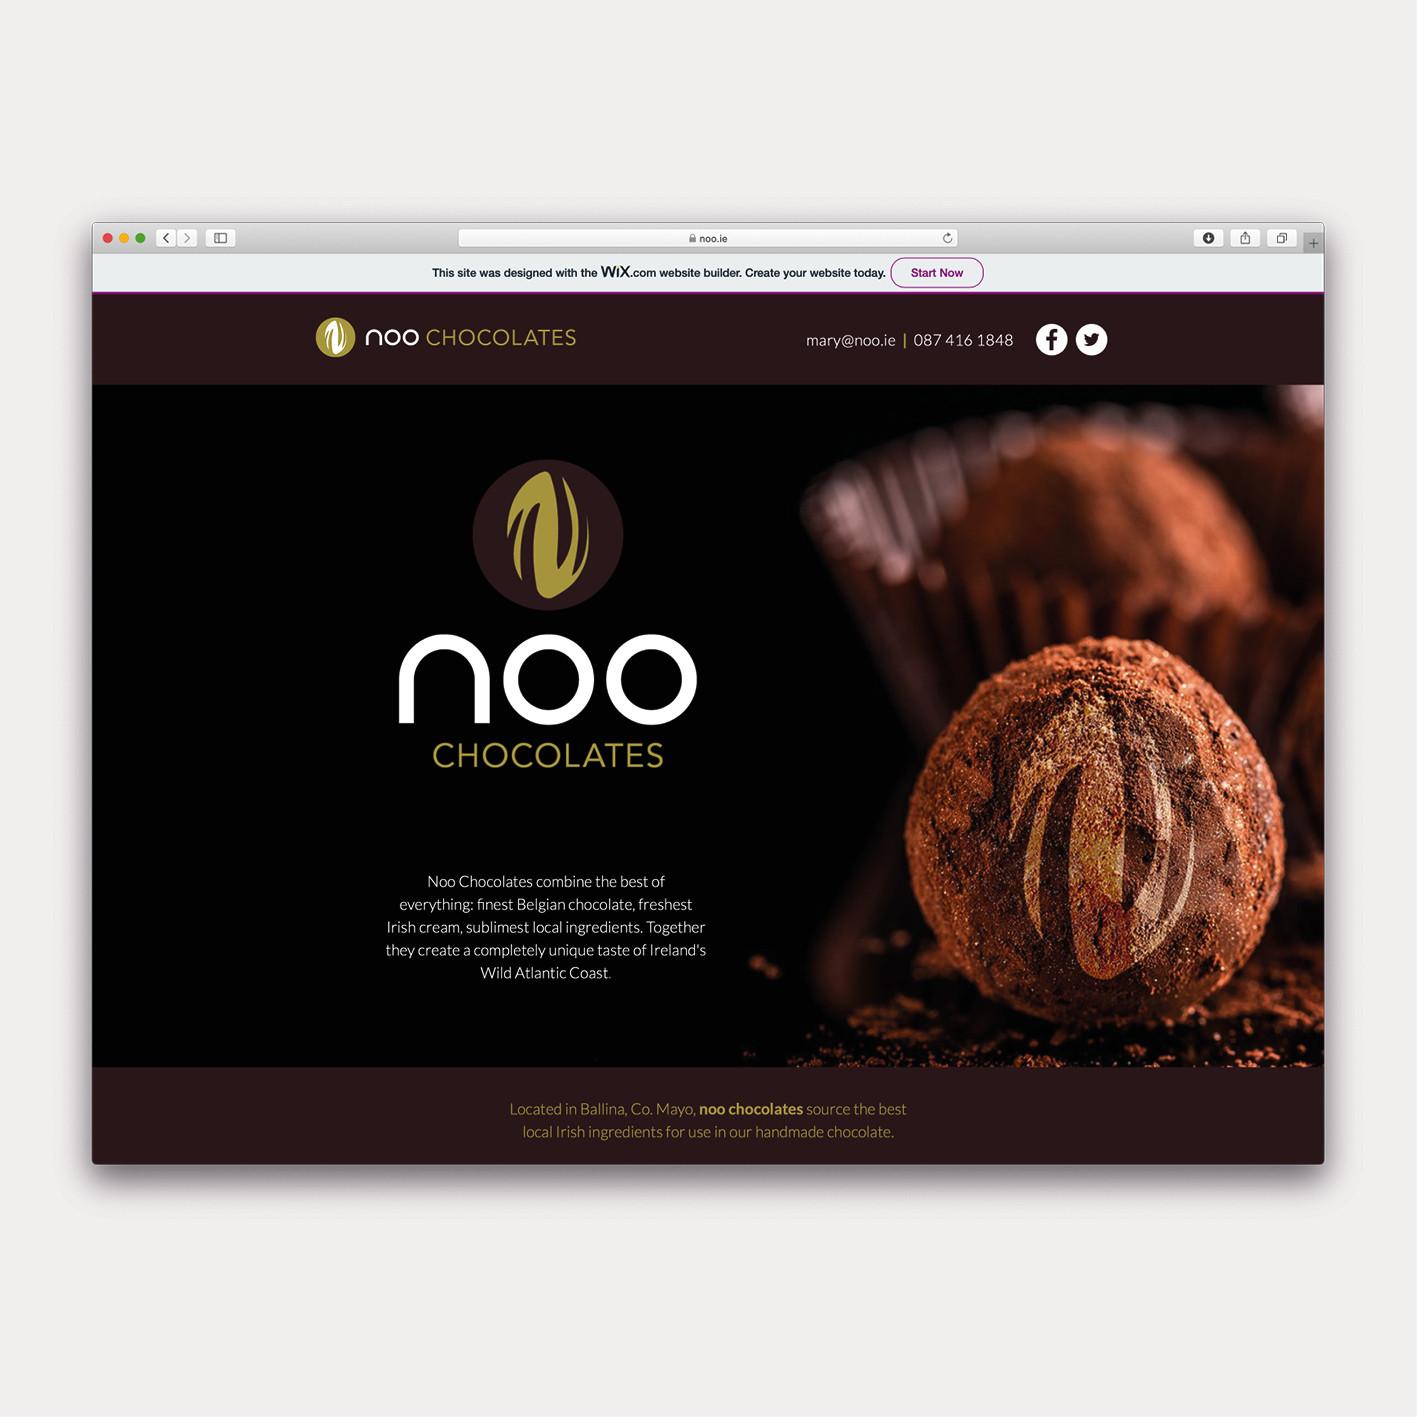 Noo Chocolates